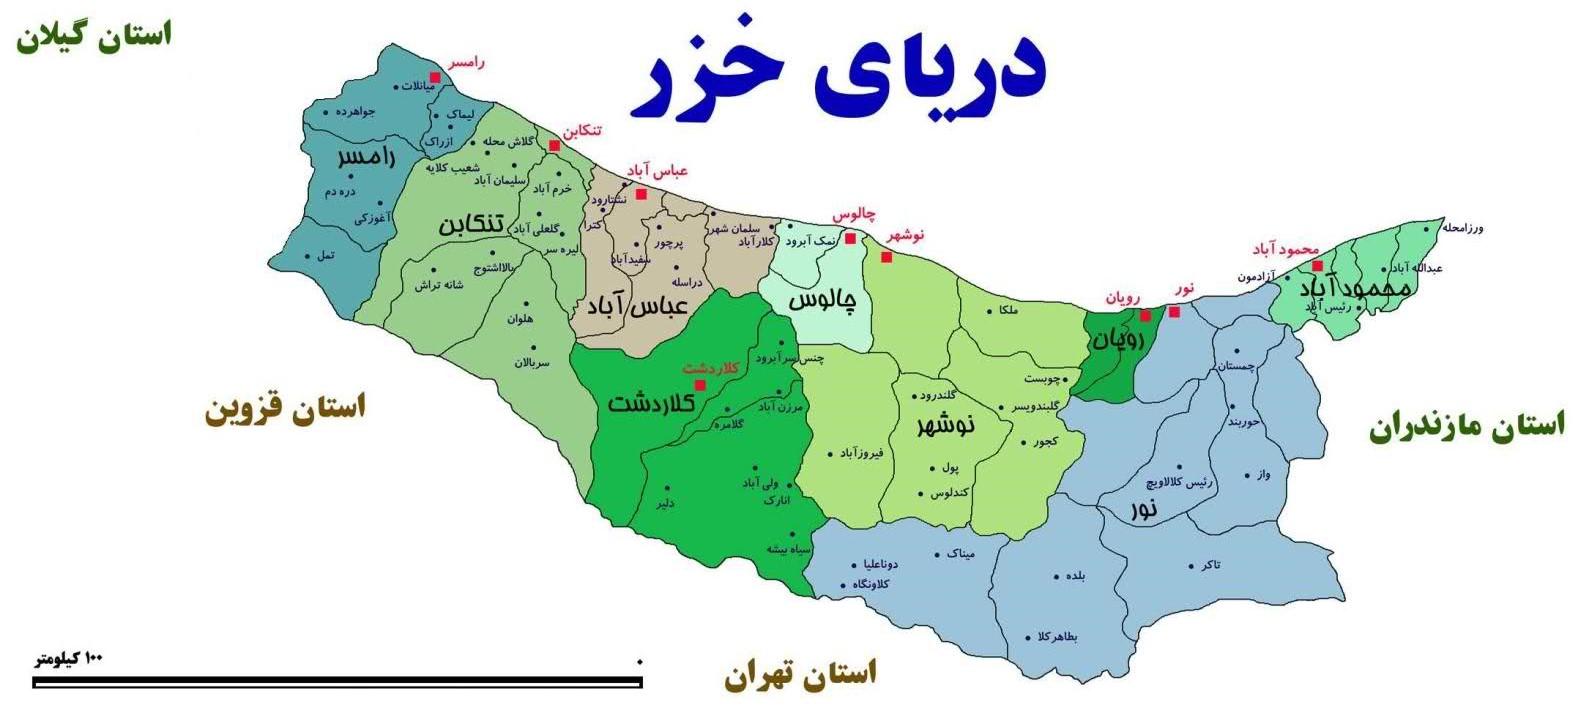 نقشه مازندران